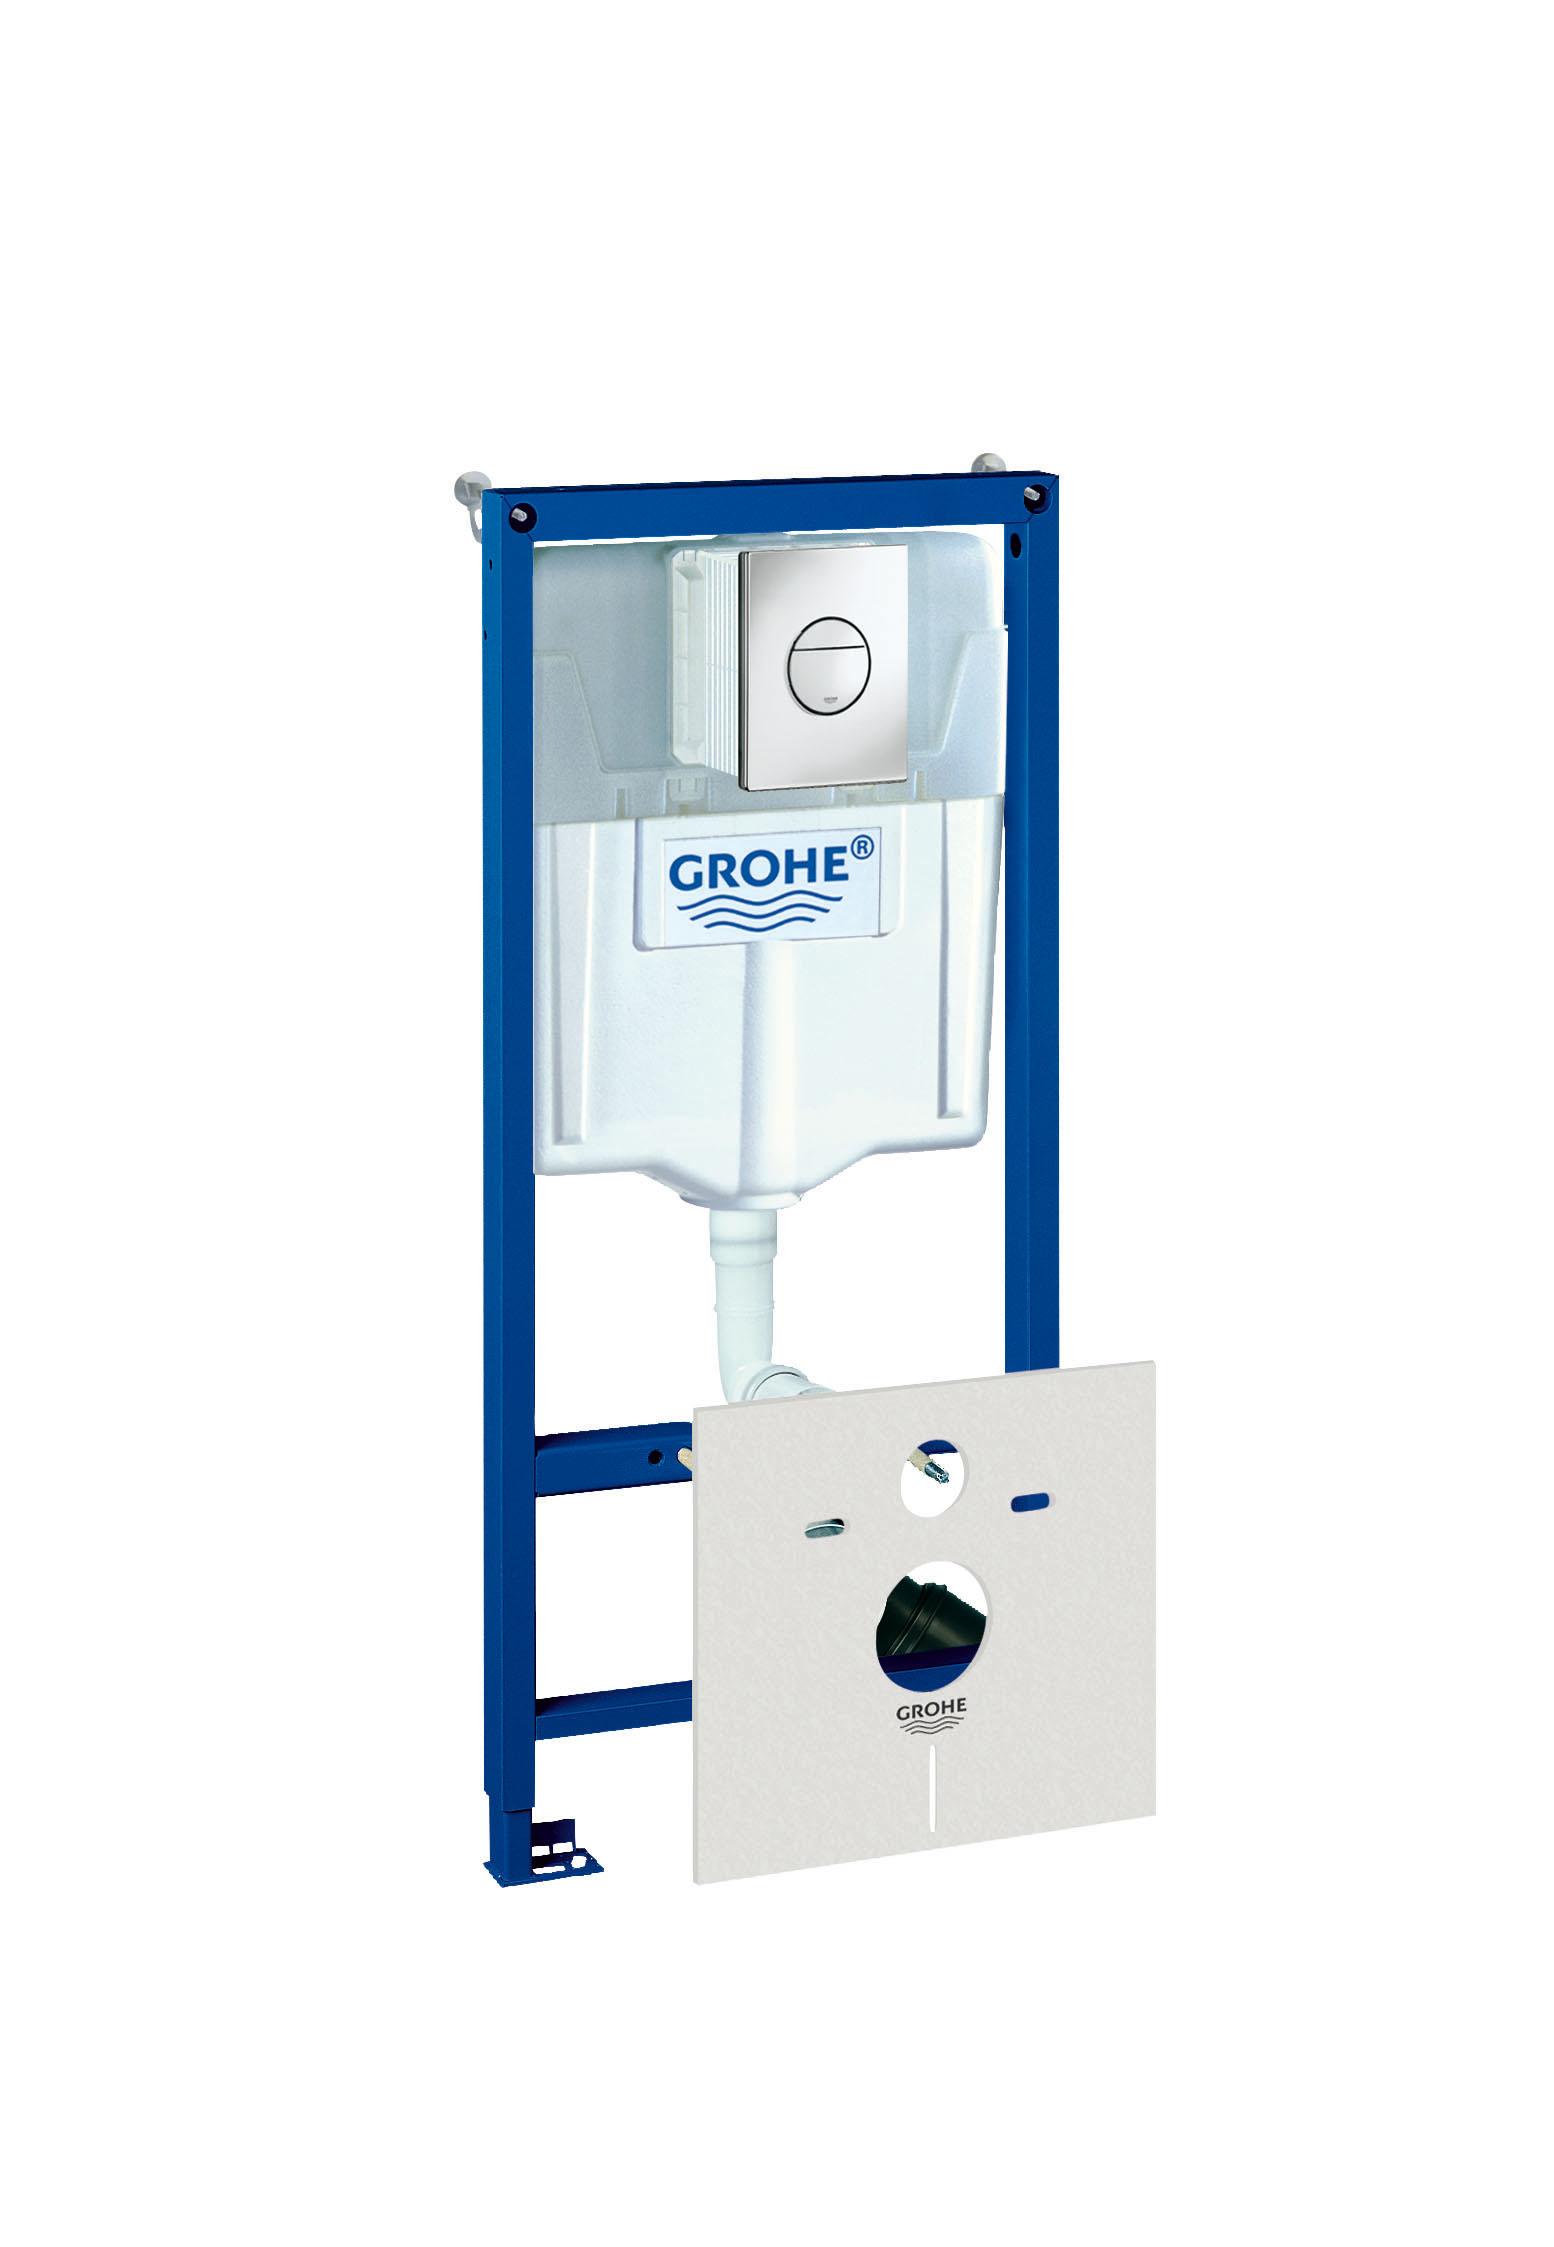 Инсталляция для унитаза Grohe Rapid sl 4 в 1 38813001 инсталляция grohe rapid sl 38840000 для подвесного унитаза